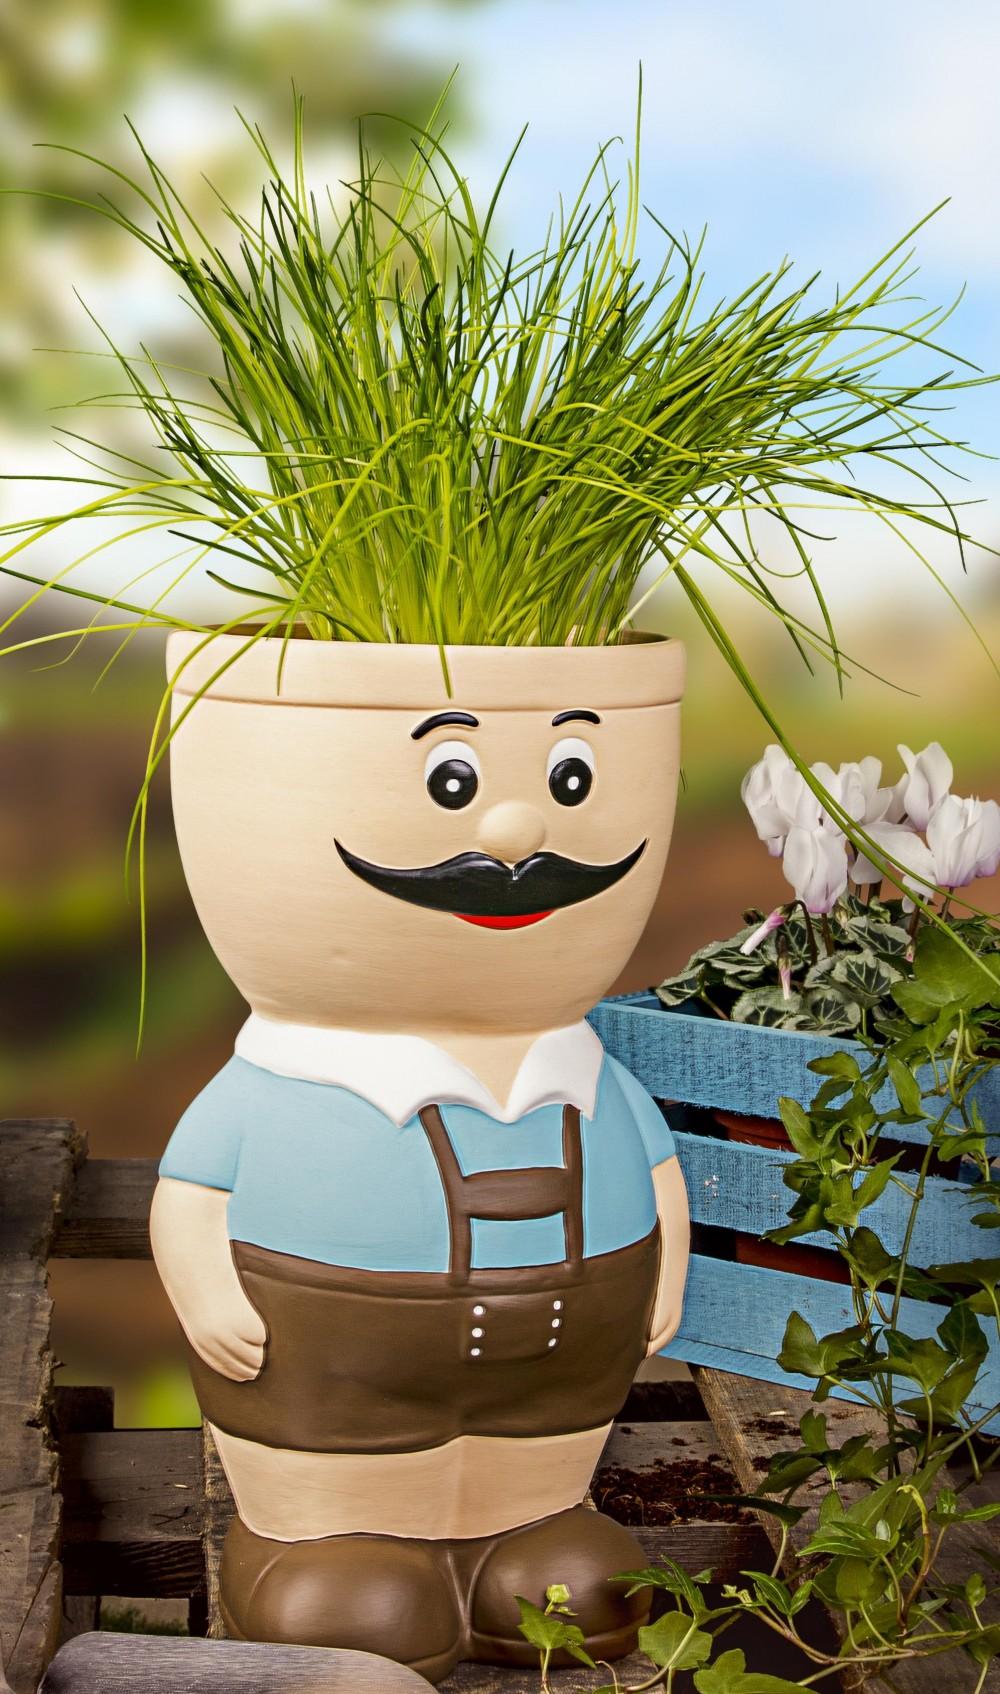 Full Size of Blumentopf Figur Sepp Aus Keramik Krutertopf Bertopf Fr Blumen Kräutertopf Küche Waschbecken Wohnzimmer Kräutertopf Keramik